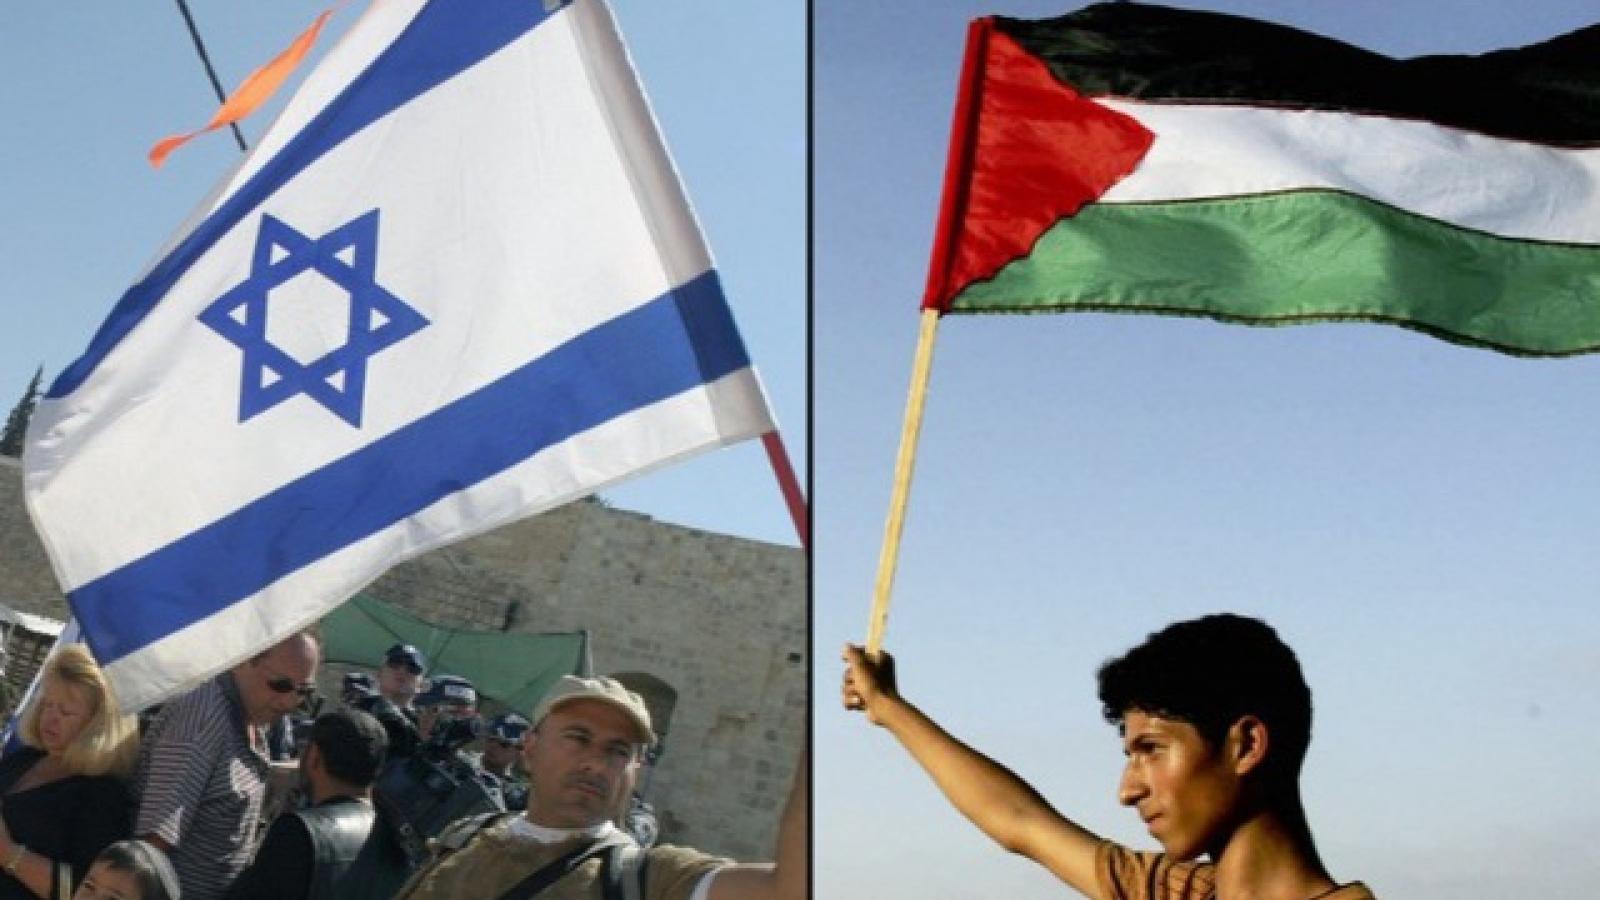 """Xung đột Israel-Palestine """"nóng"""" bất thường, Trung Quốc lo tổn hại ảnh hưởng ở Trung Đông"""